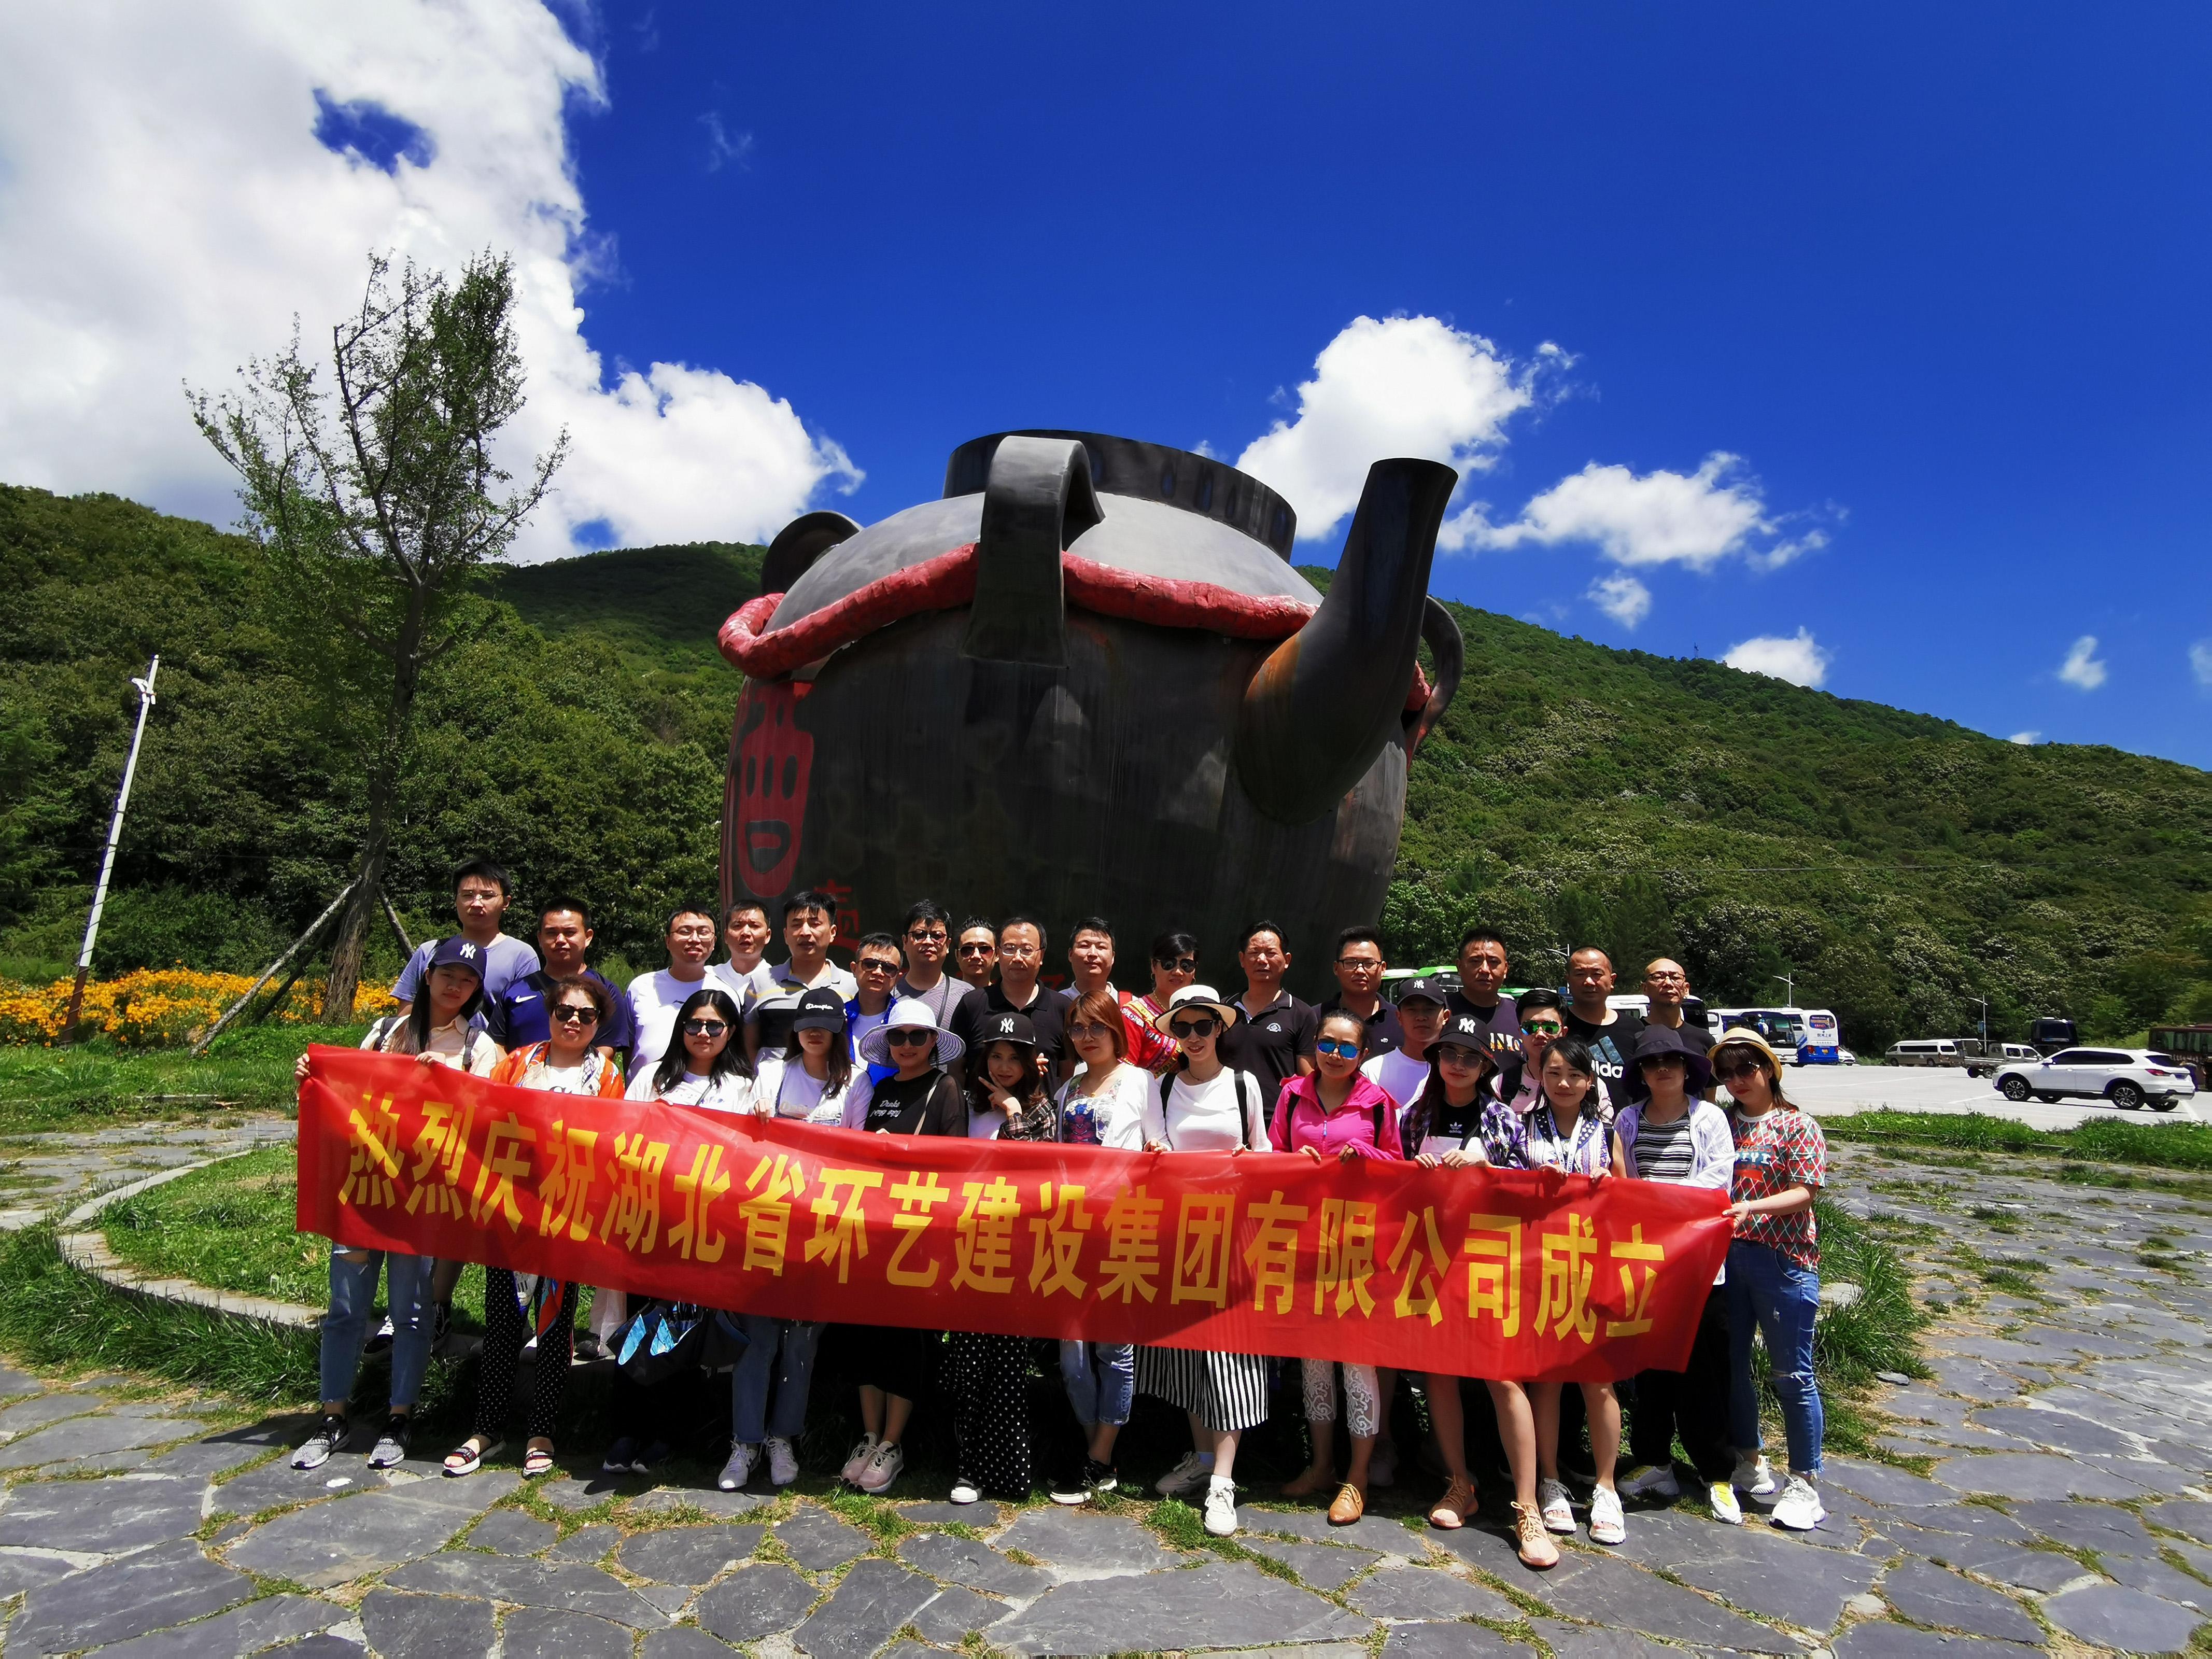 热烈庆祝湖北省环艺建设集团年中会议及年中团建活动圆满举办